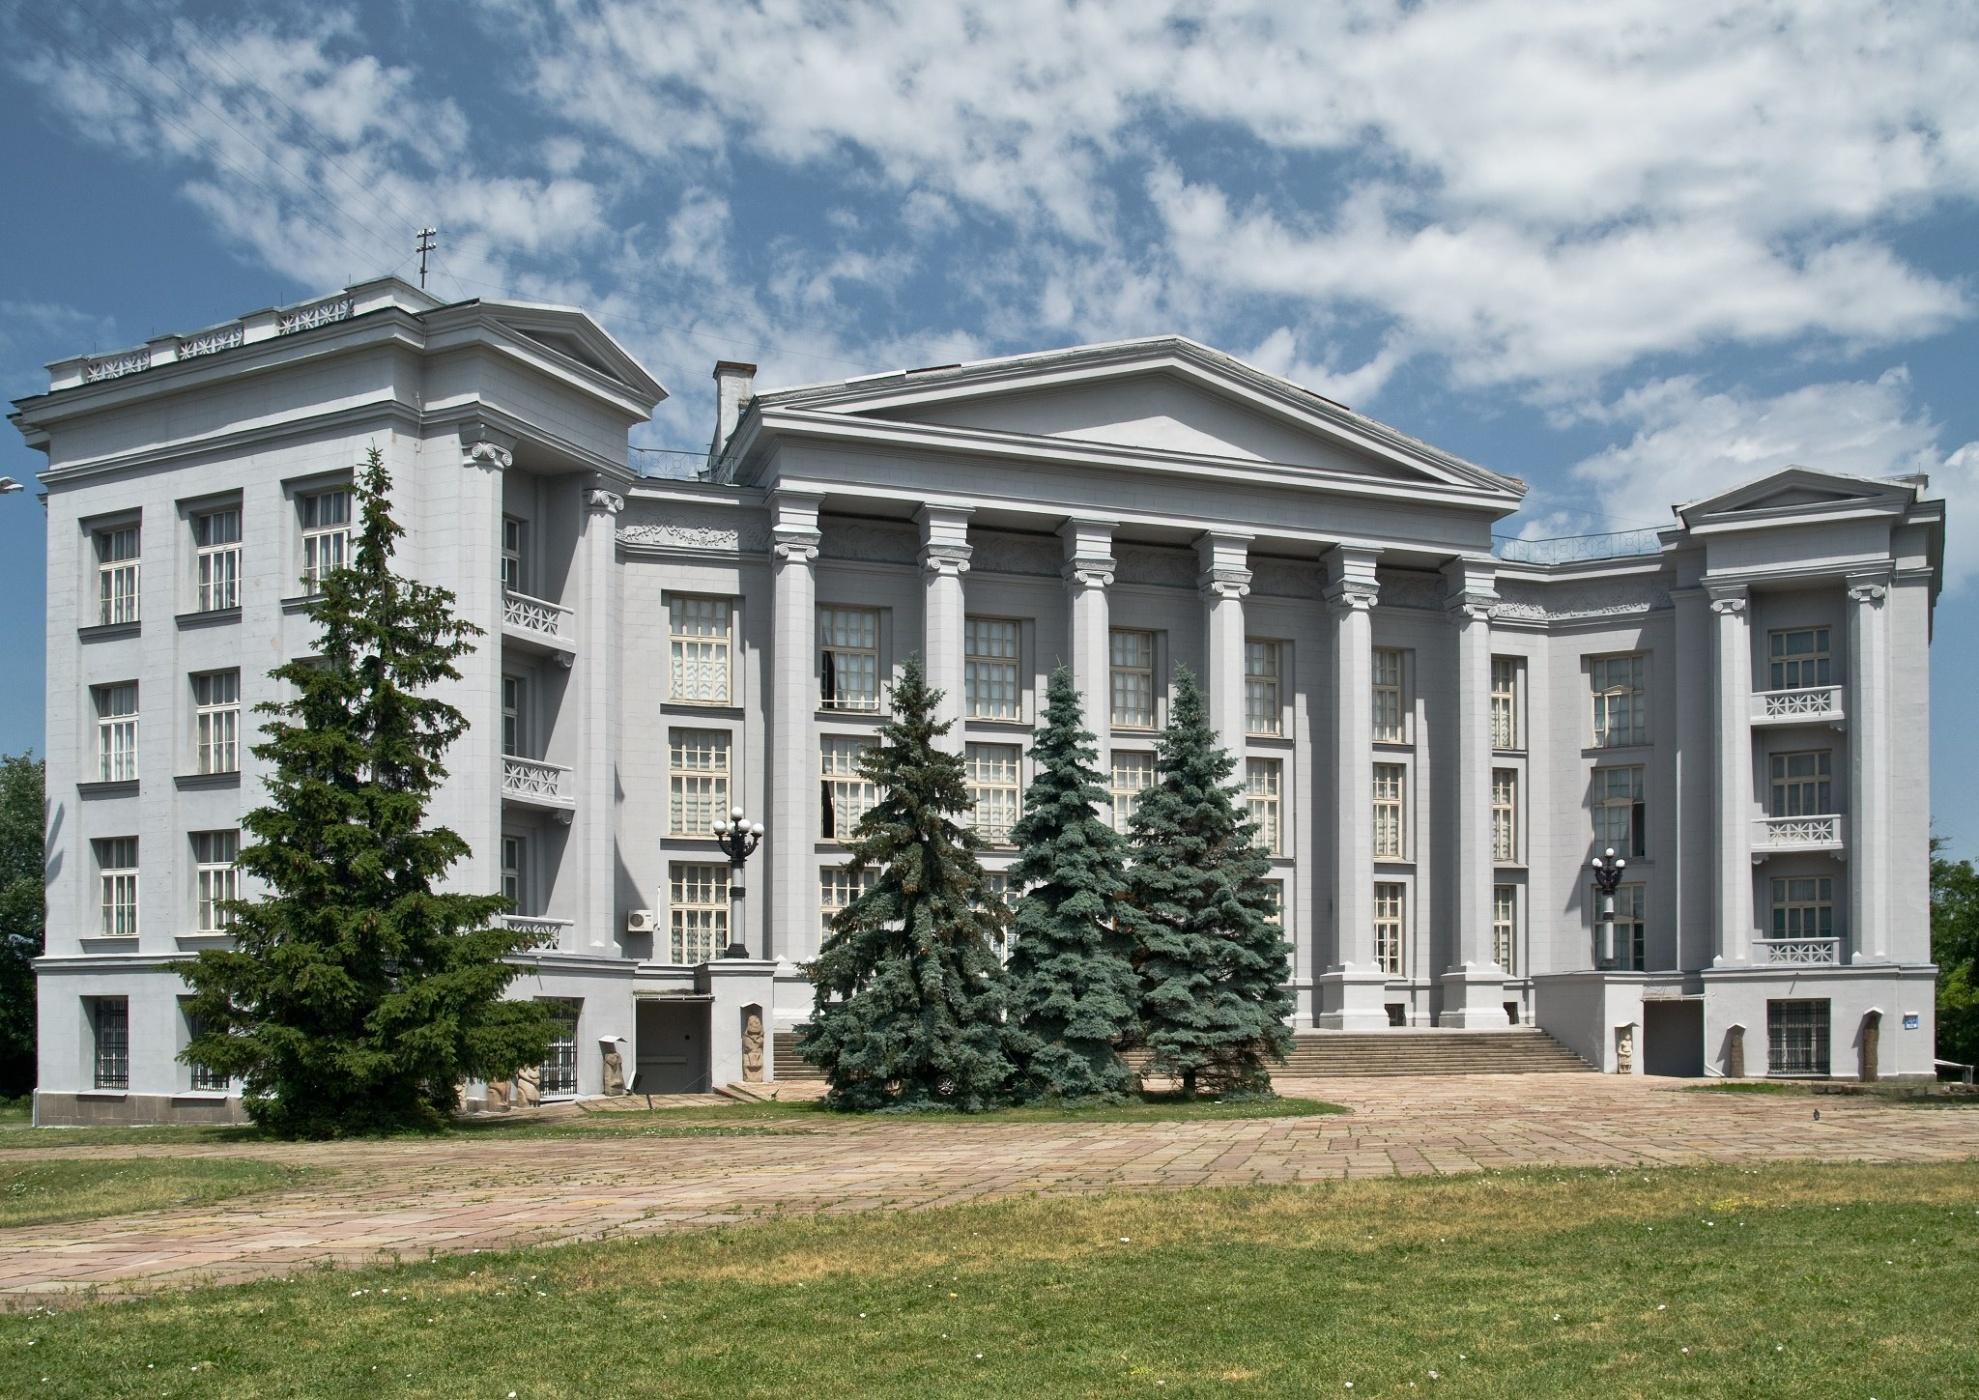 Национальный музей истории Украины (НМИУ) в Киеве